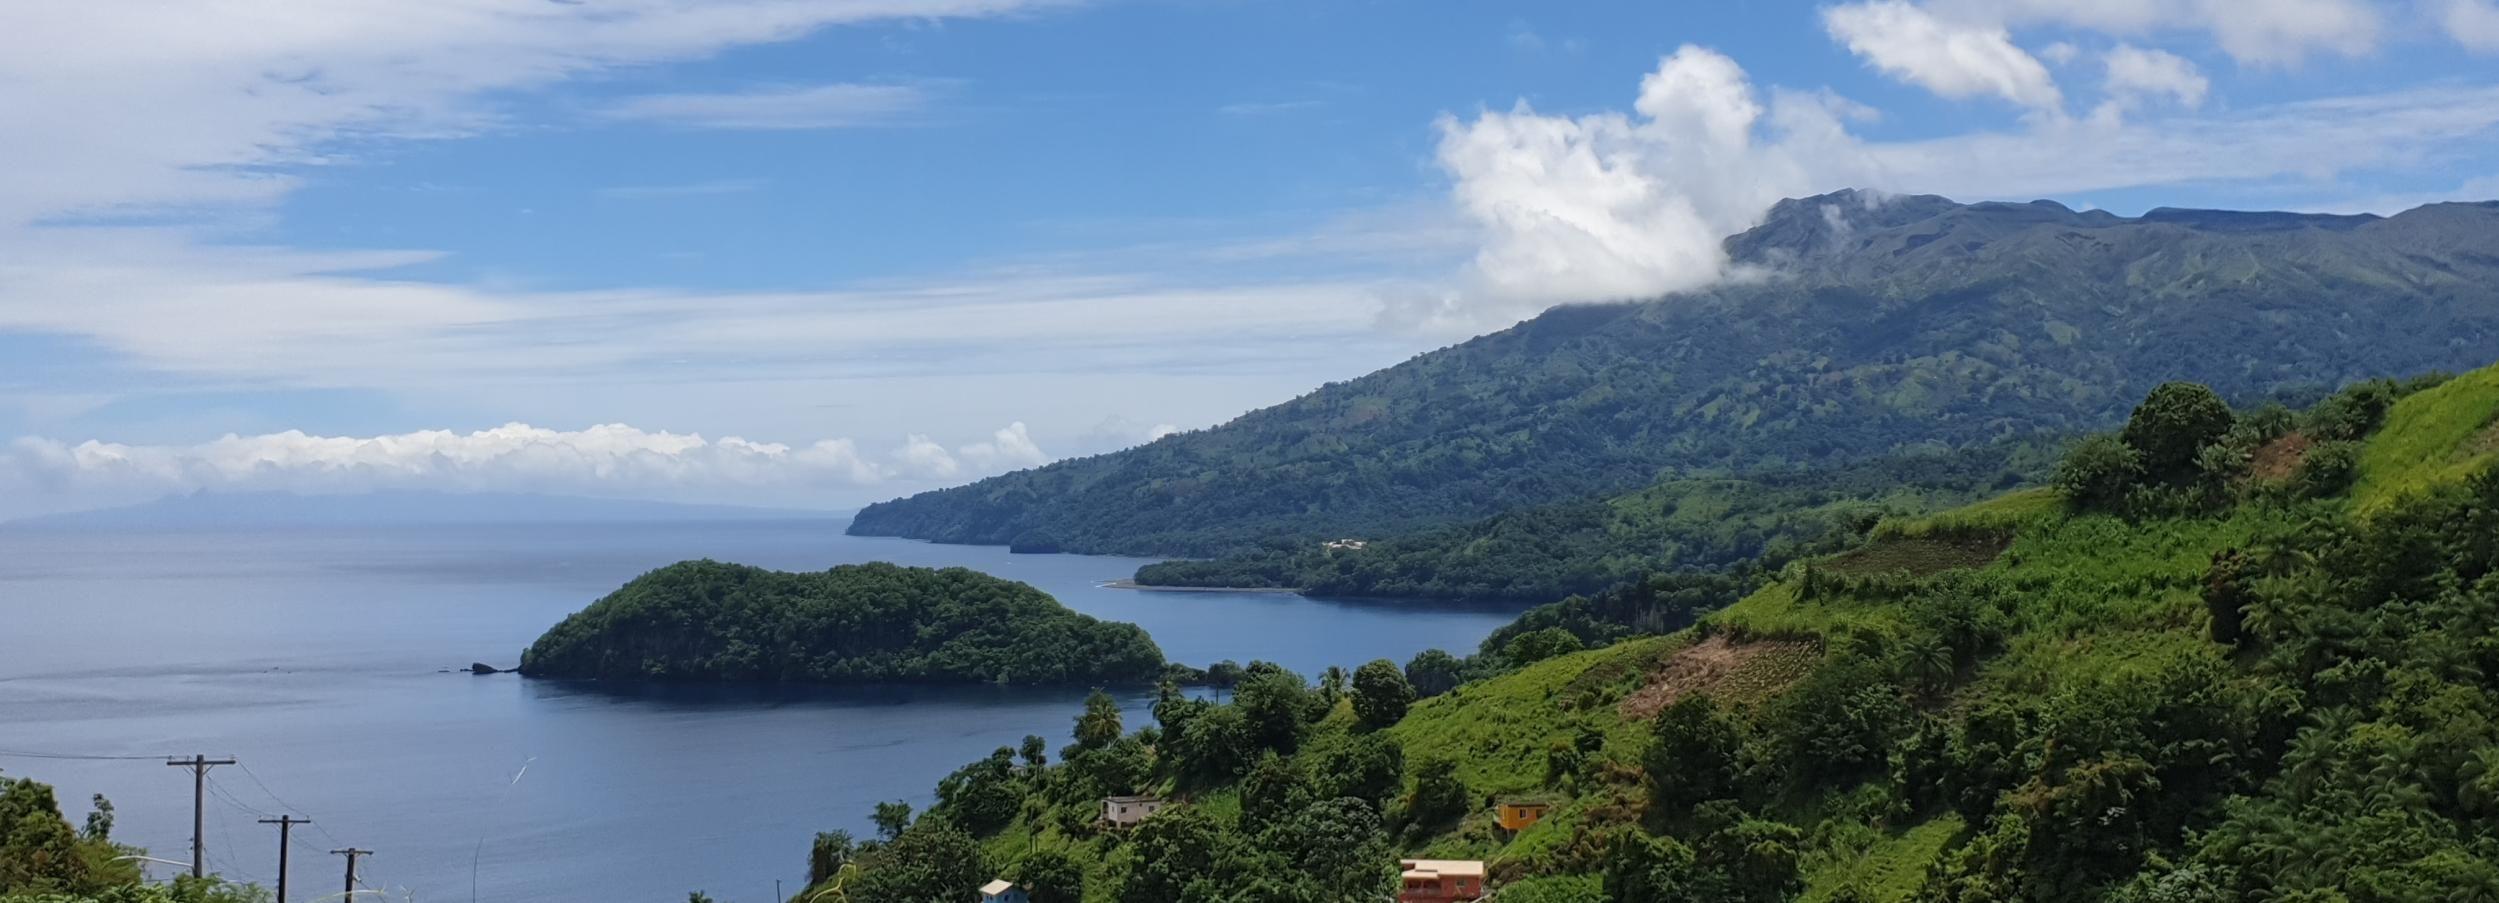 Kingstown: La Soufriere Volcano Hike